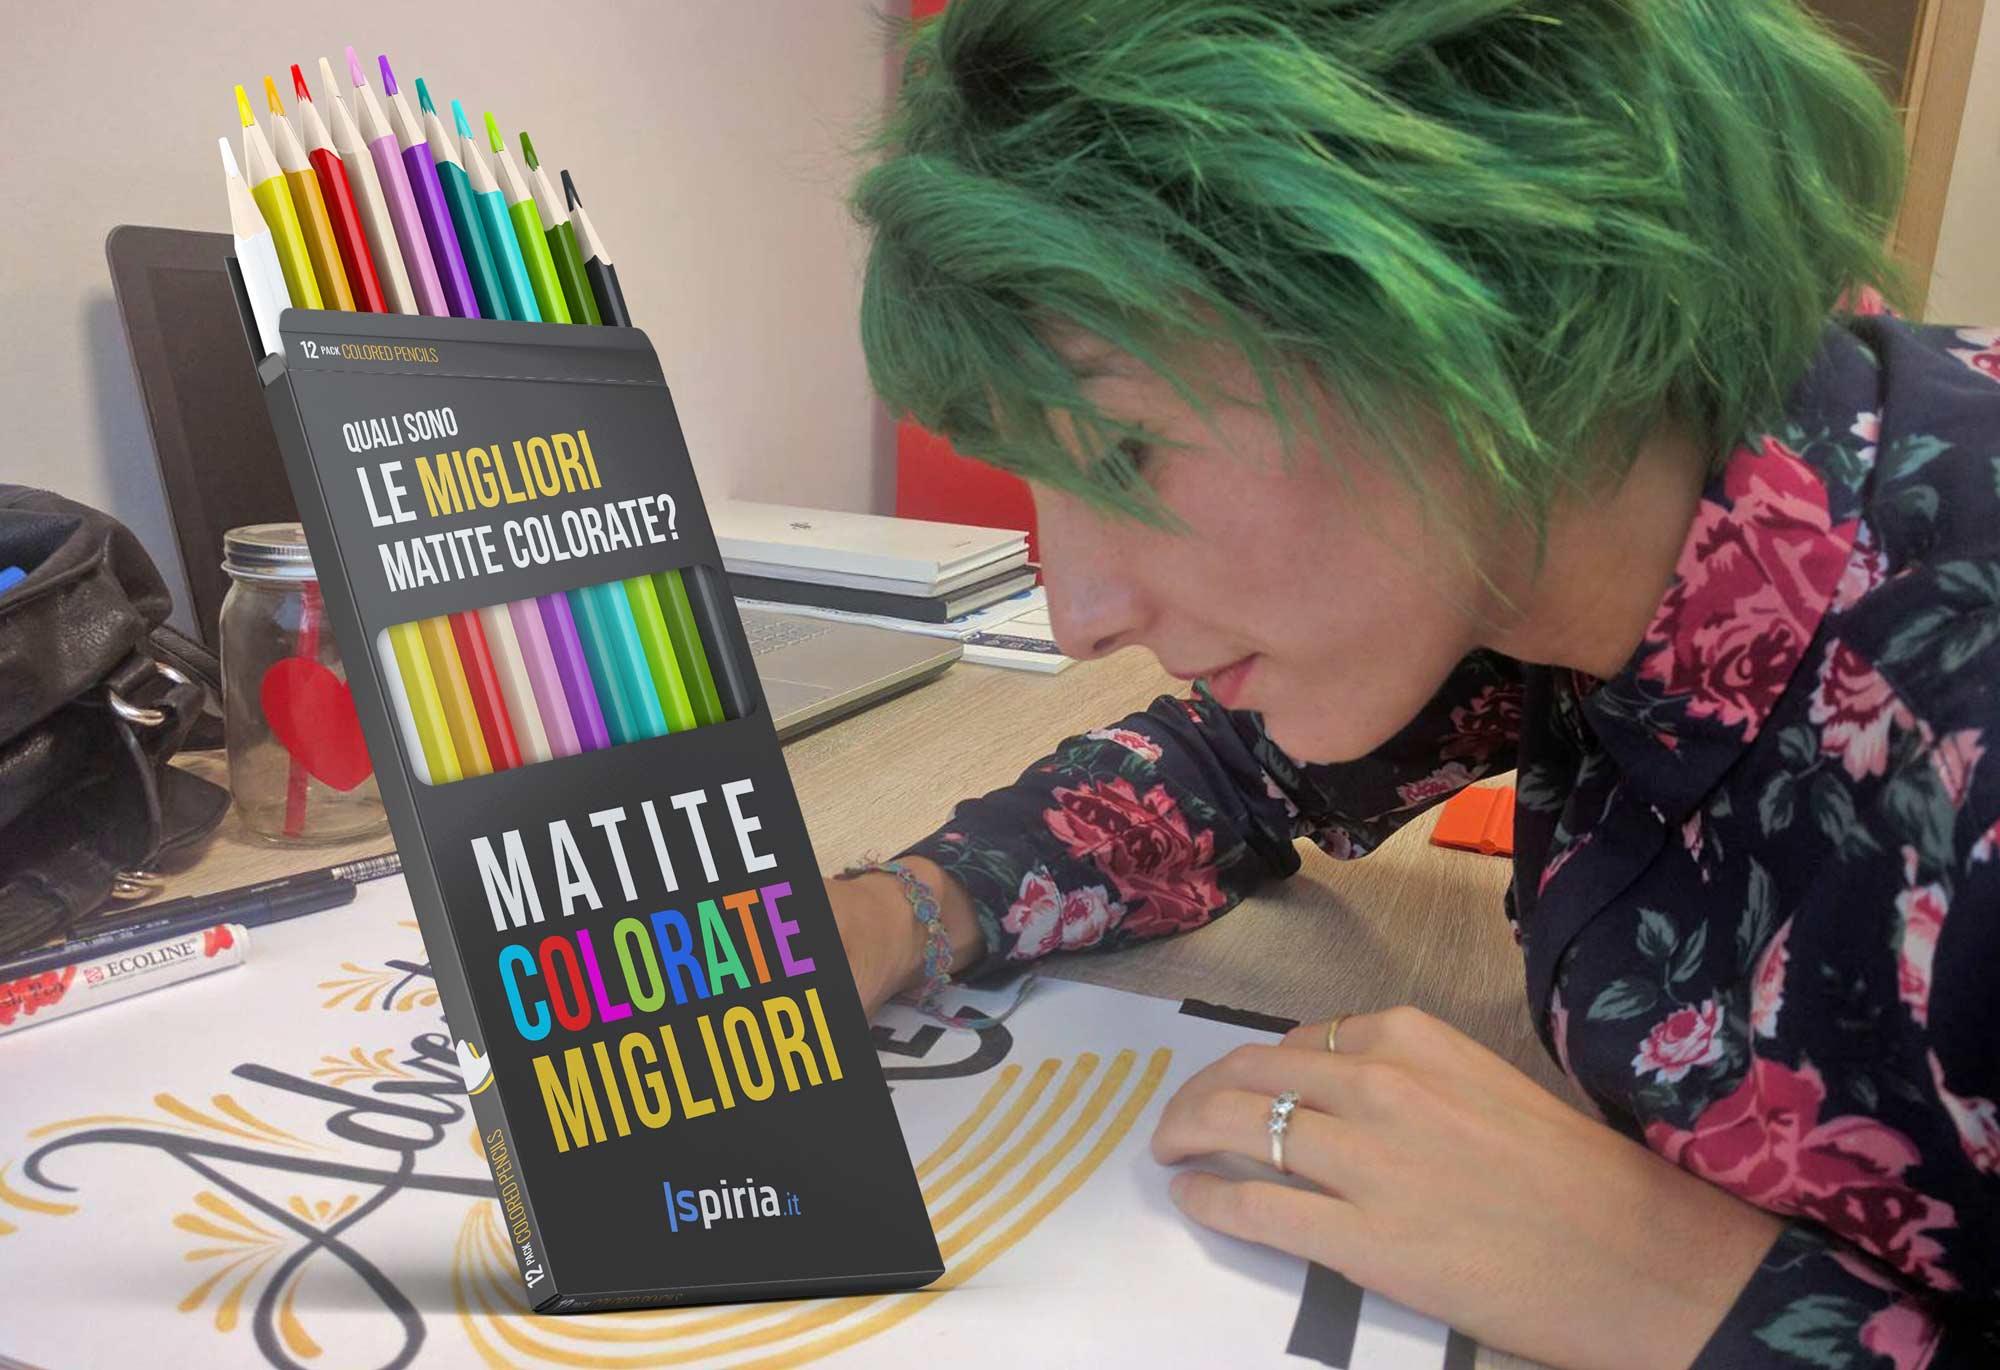 Matite Colorate Migliori | Disegni A Matite E Migliori Matite Professionali